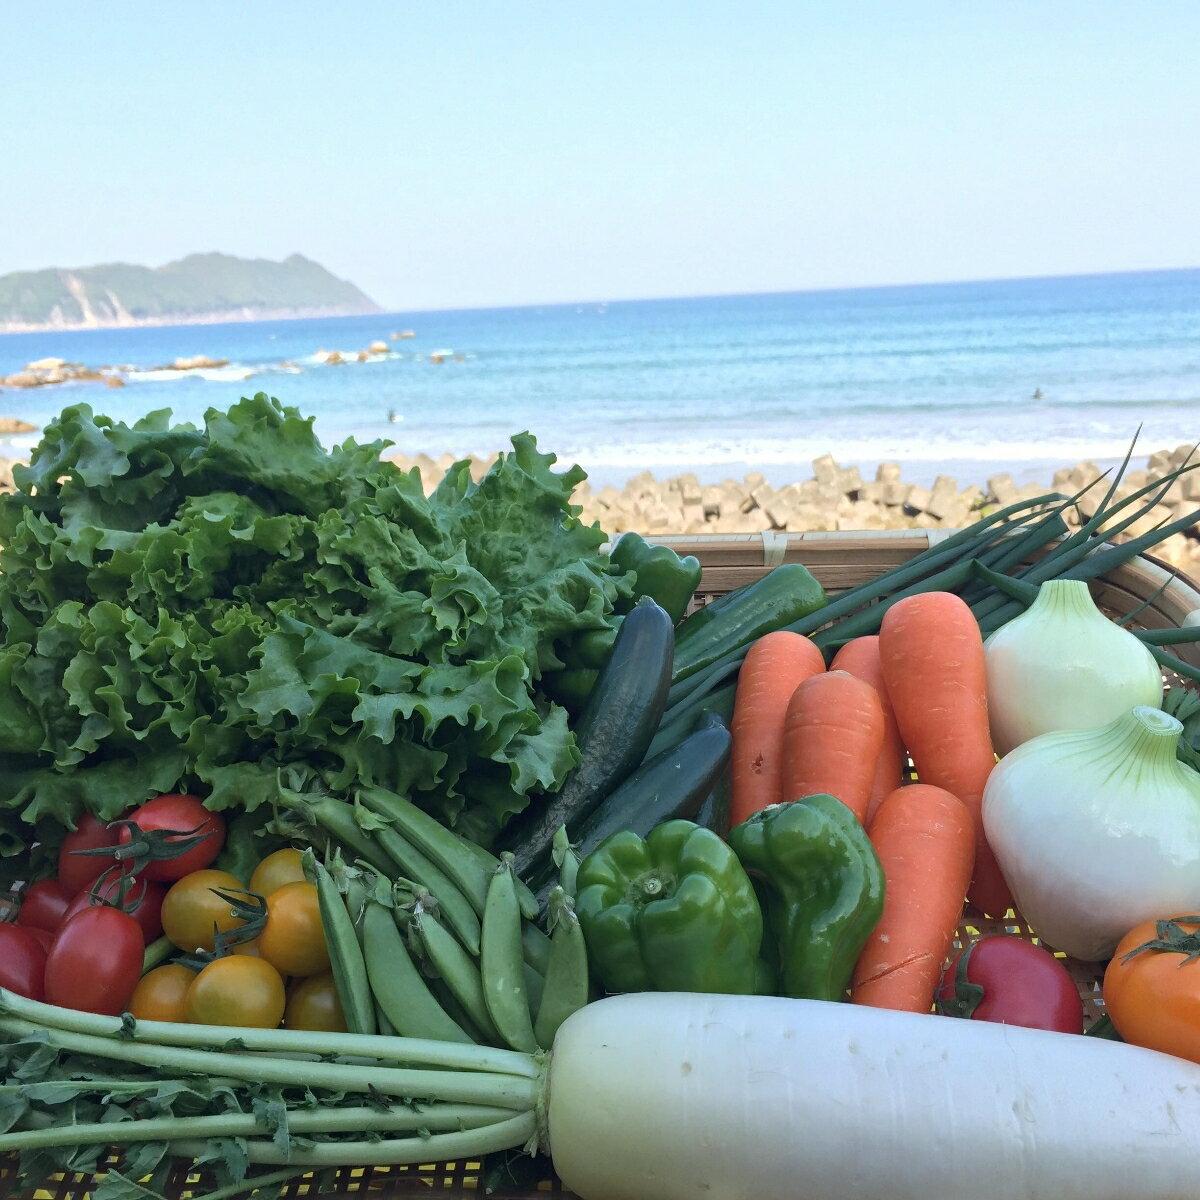 【ふるさと納税】SGN14【定期便年2回】阿波の国海陽町 旬のお野菜詰め合わせセット